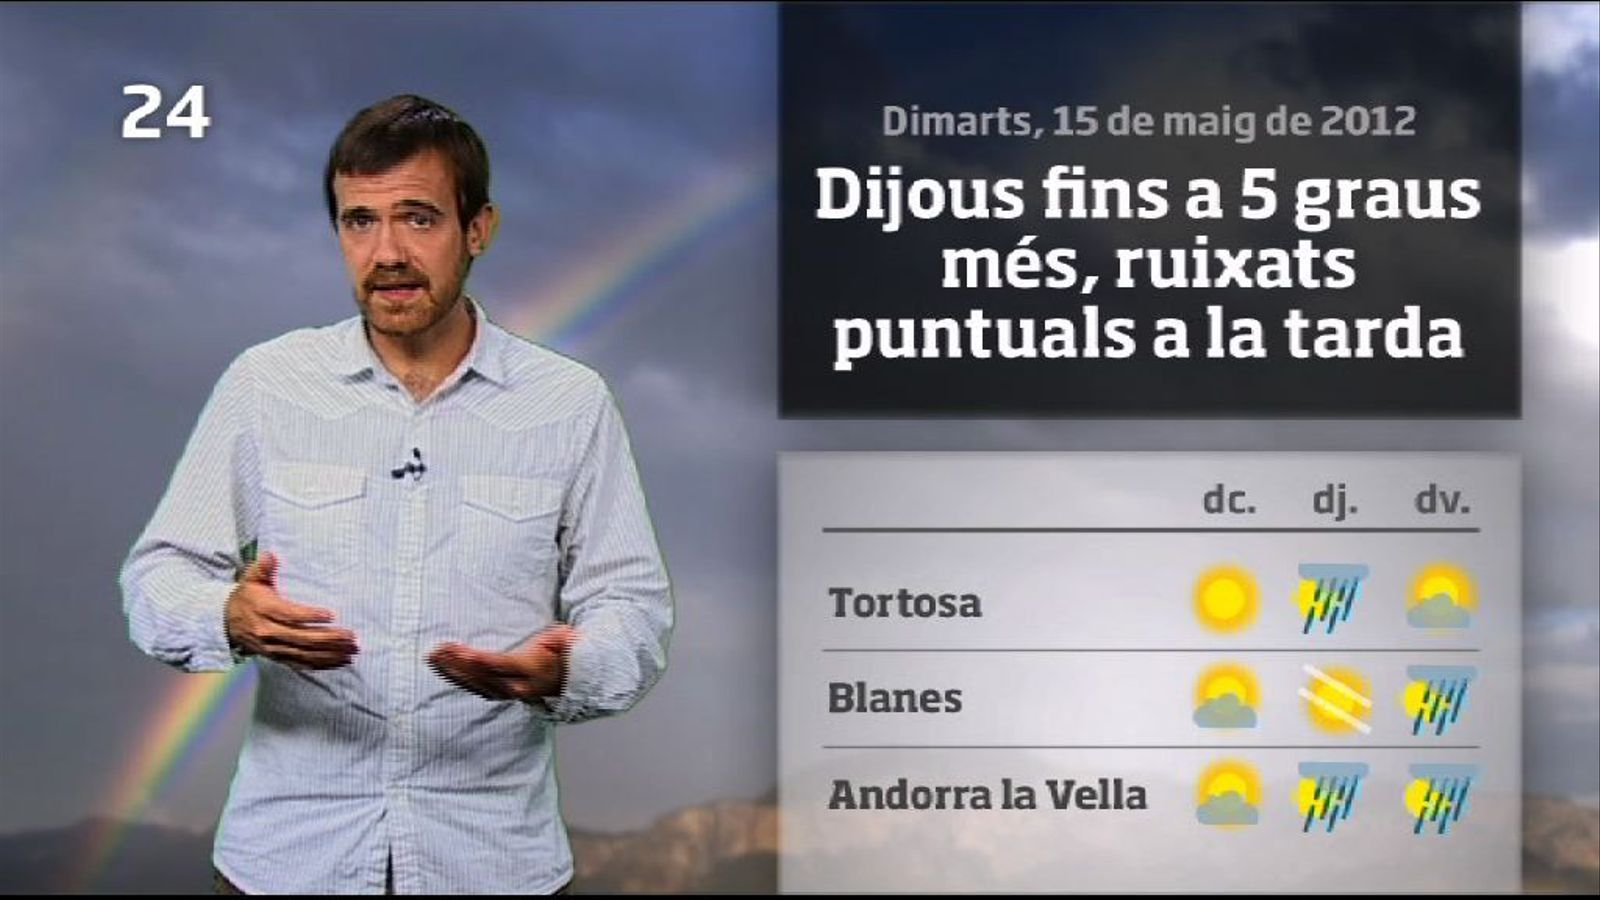 La méteo en 1 minut: dimecres, el dia més fresc de la setmana (16/05/2012)